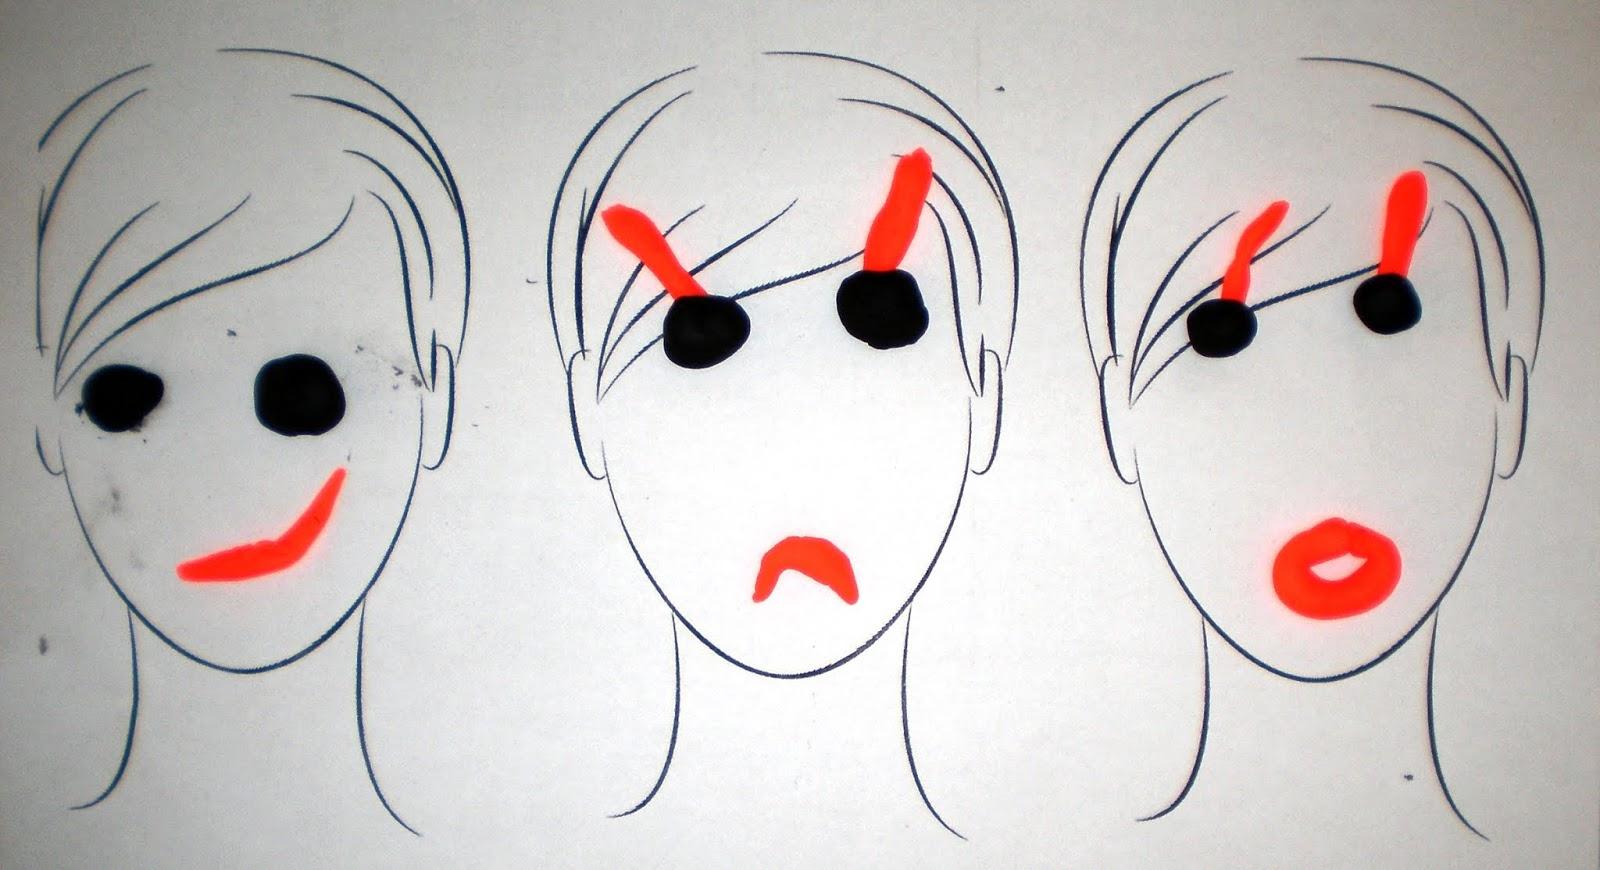 Exprimarea emoțiilor: tristețe, bucurie, furie